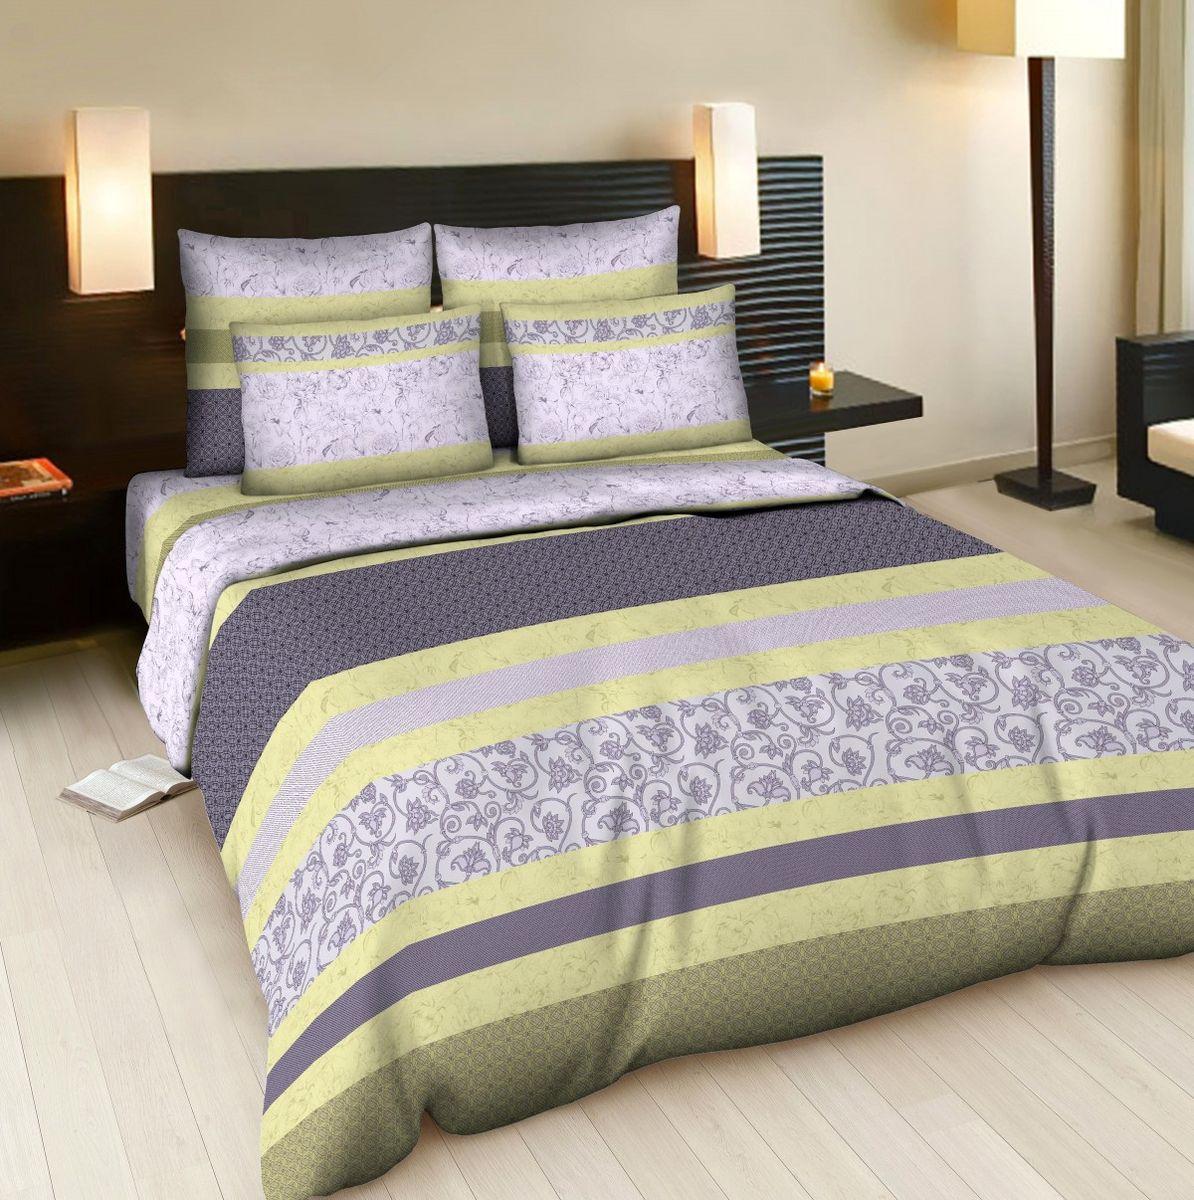 Комплект белья Amore Mio Suri, евро, наволочки 70x70, цвет: серый, желтый83349Постельное белье из бязи практично и долговечно, а самое главное - это 100% хлопок! Материал великолепно отводит влагу, отлично пропускает воздух, не капризен в уходе, легко стирается и гладится. Новая коллекция Naturel 3-D дизайнов позволит выбрать постельное белье на любой вкус!